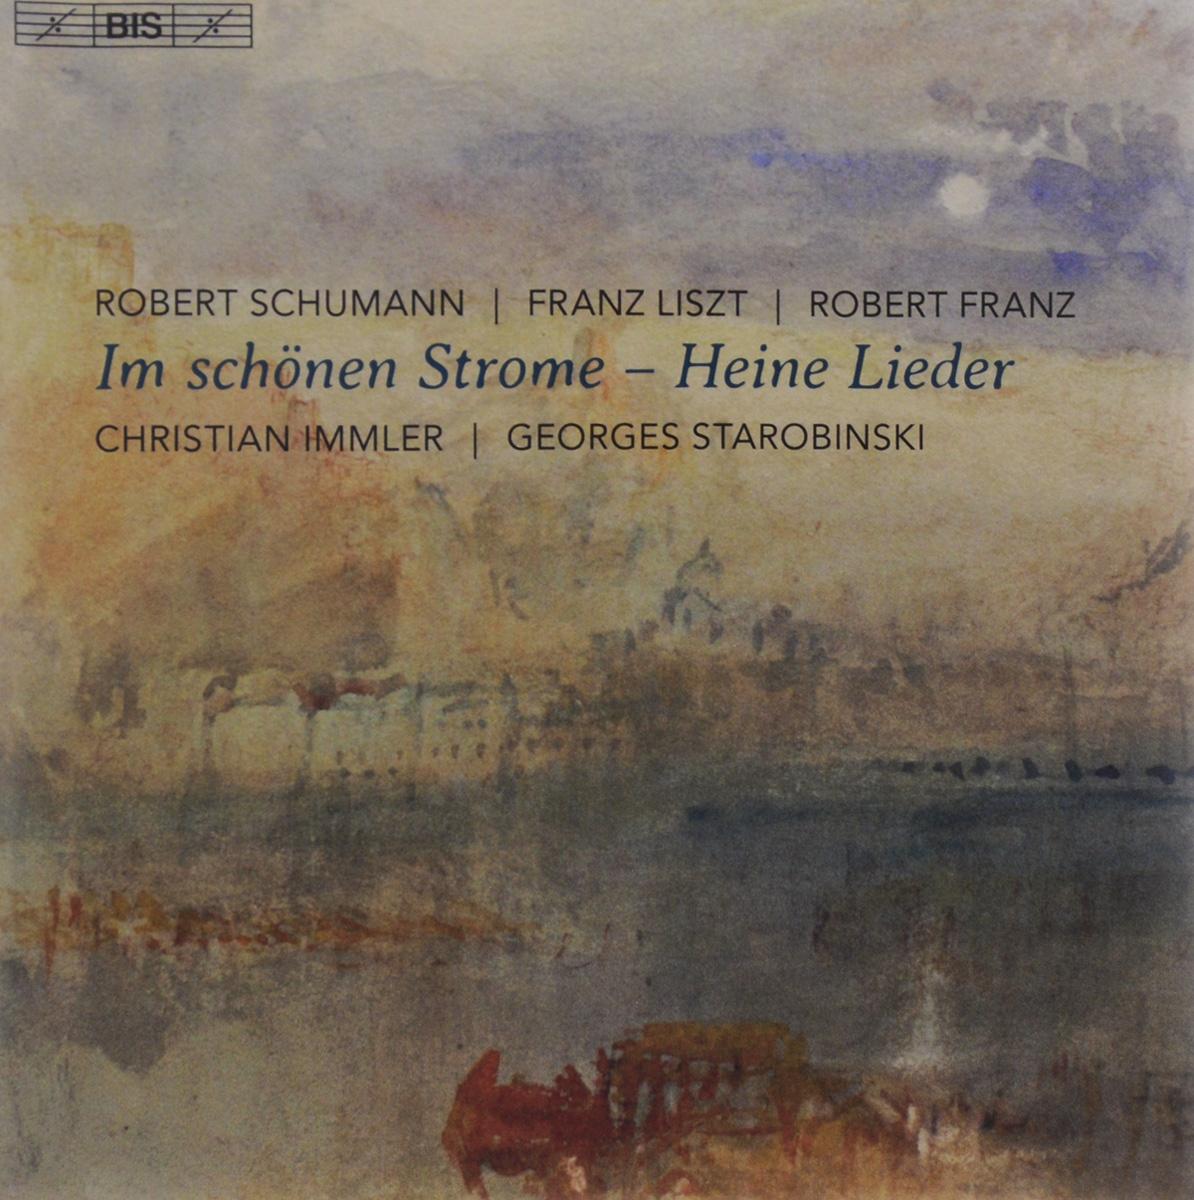 Christian Immler, Georges Starobinski. Im Schonen Strome - Heine Lieder (SACD)